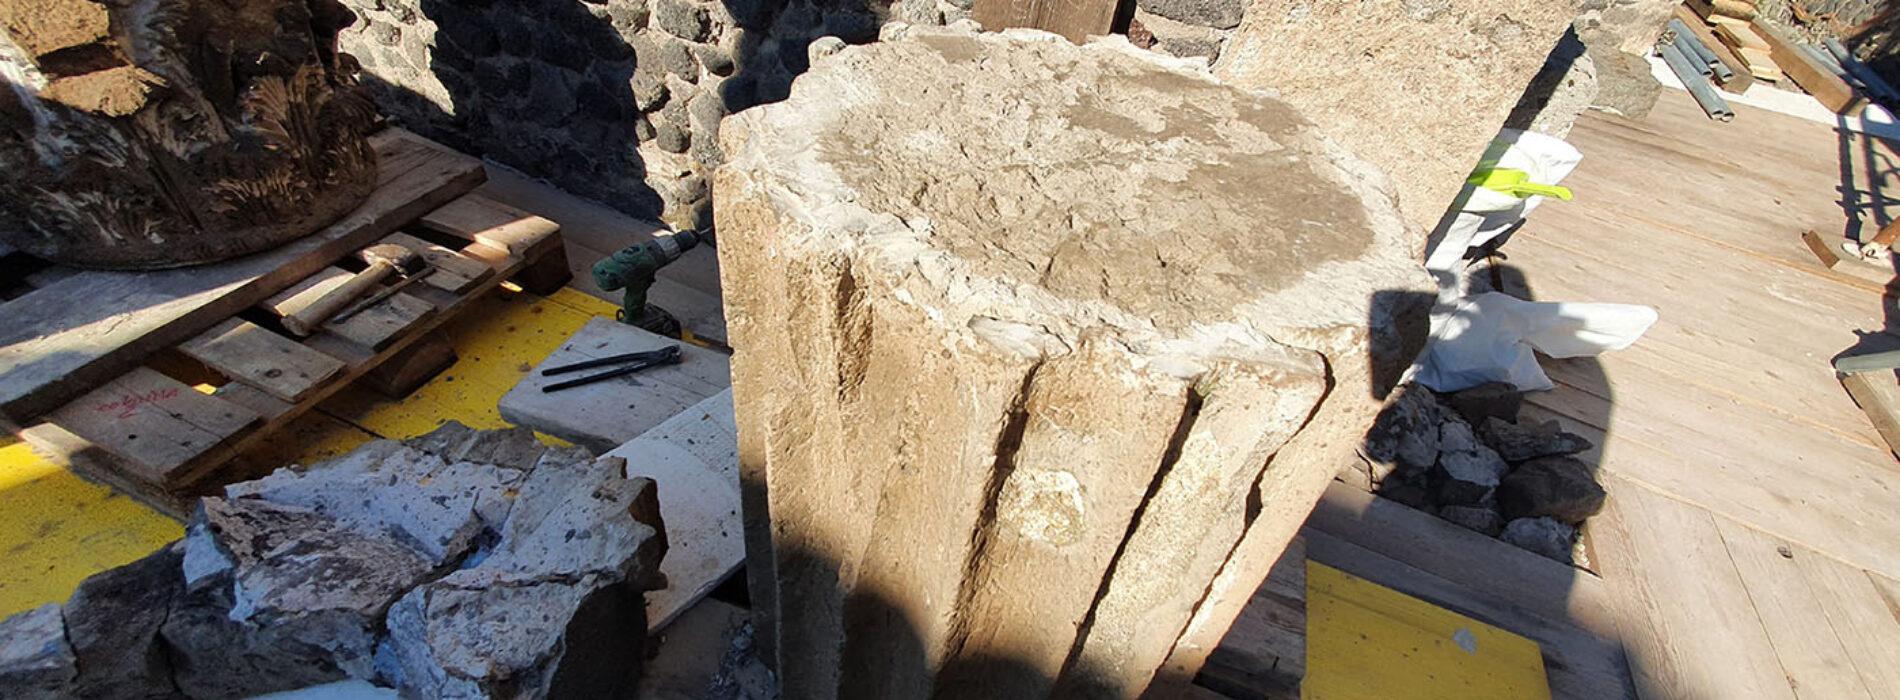 Giù tubi e impalcature, è ora libera la Casa del Fauno a Pompei